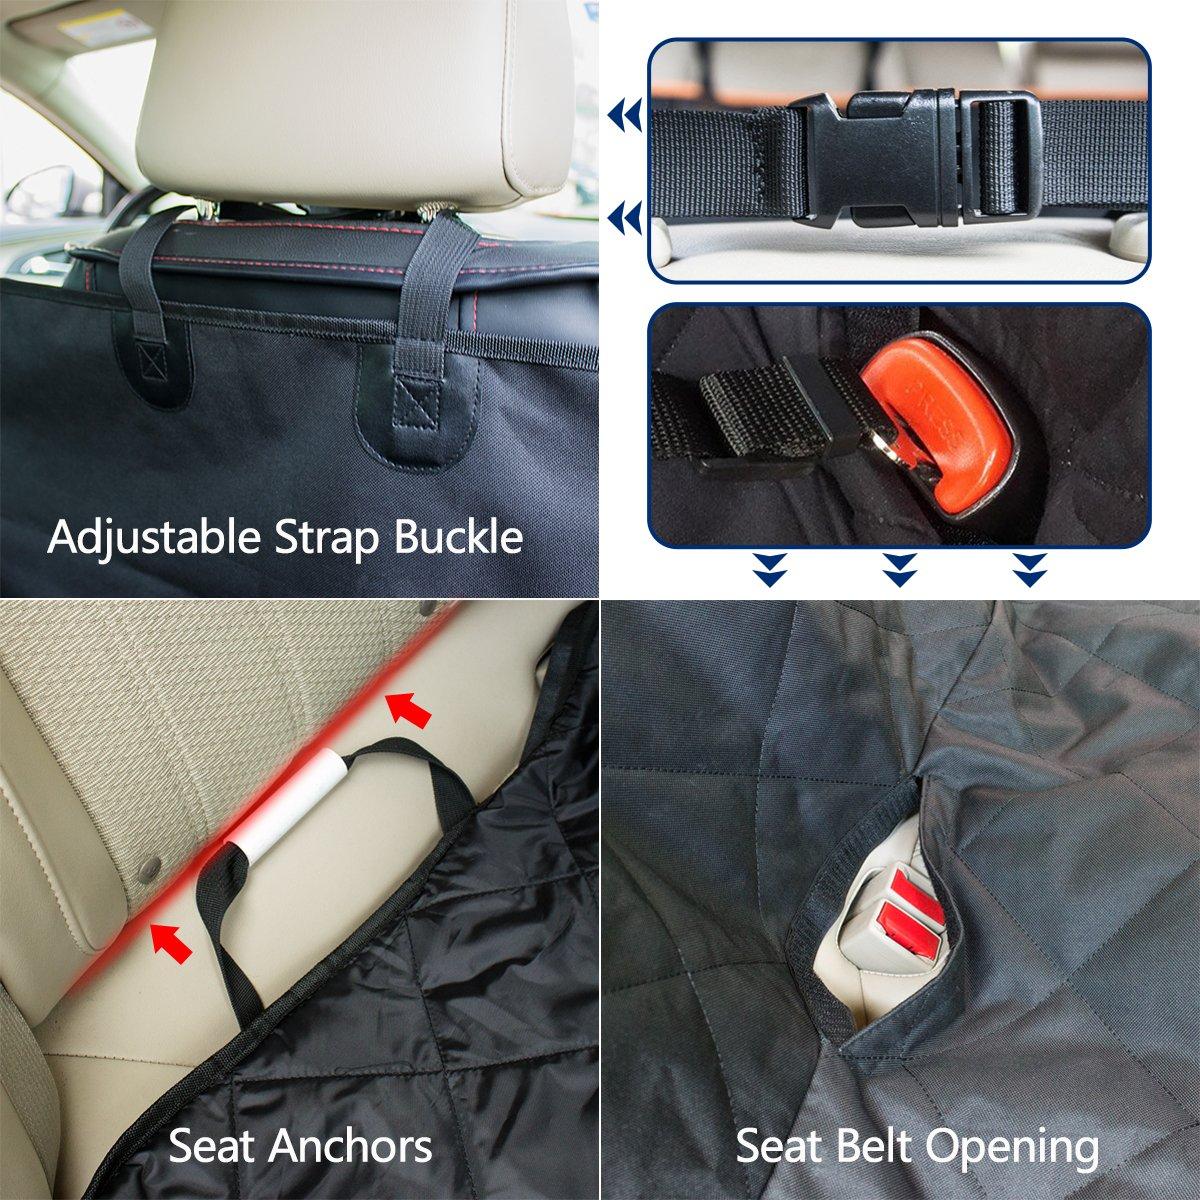 2er Auto Sicherheitsgurt morpilot Sitzbezug des Autos f/ür Haustier verschlei/ßfester Bezug des Hintersitzes f/ür Haustier Universal Wasserdicht Anti-Rutsch f/ür Haustier und Sitz Auto//SUV